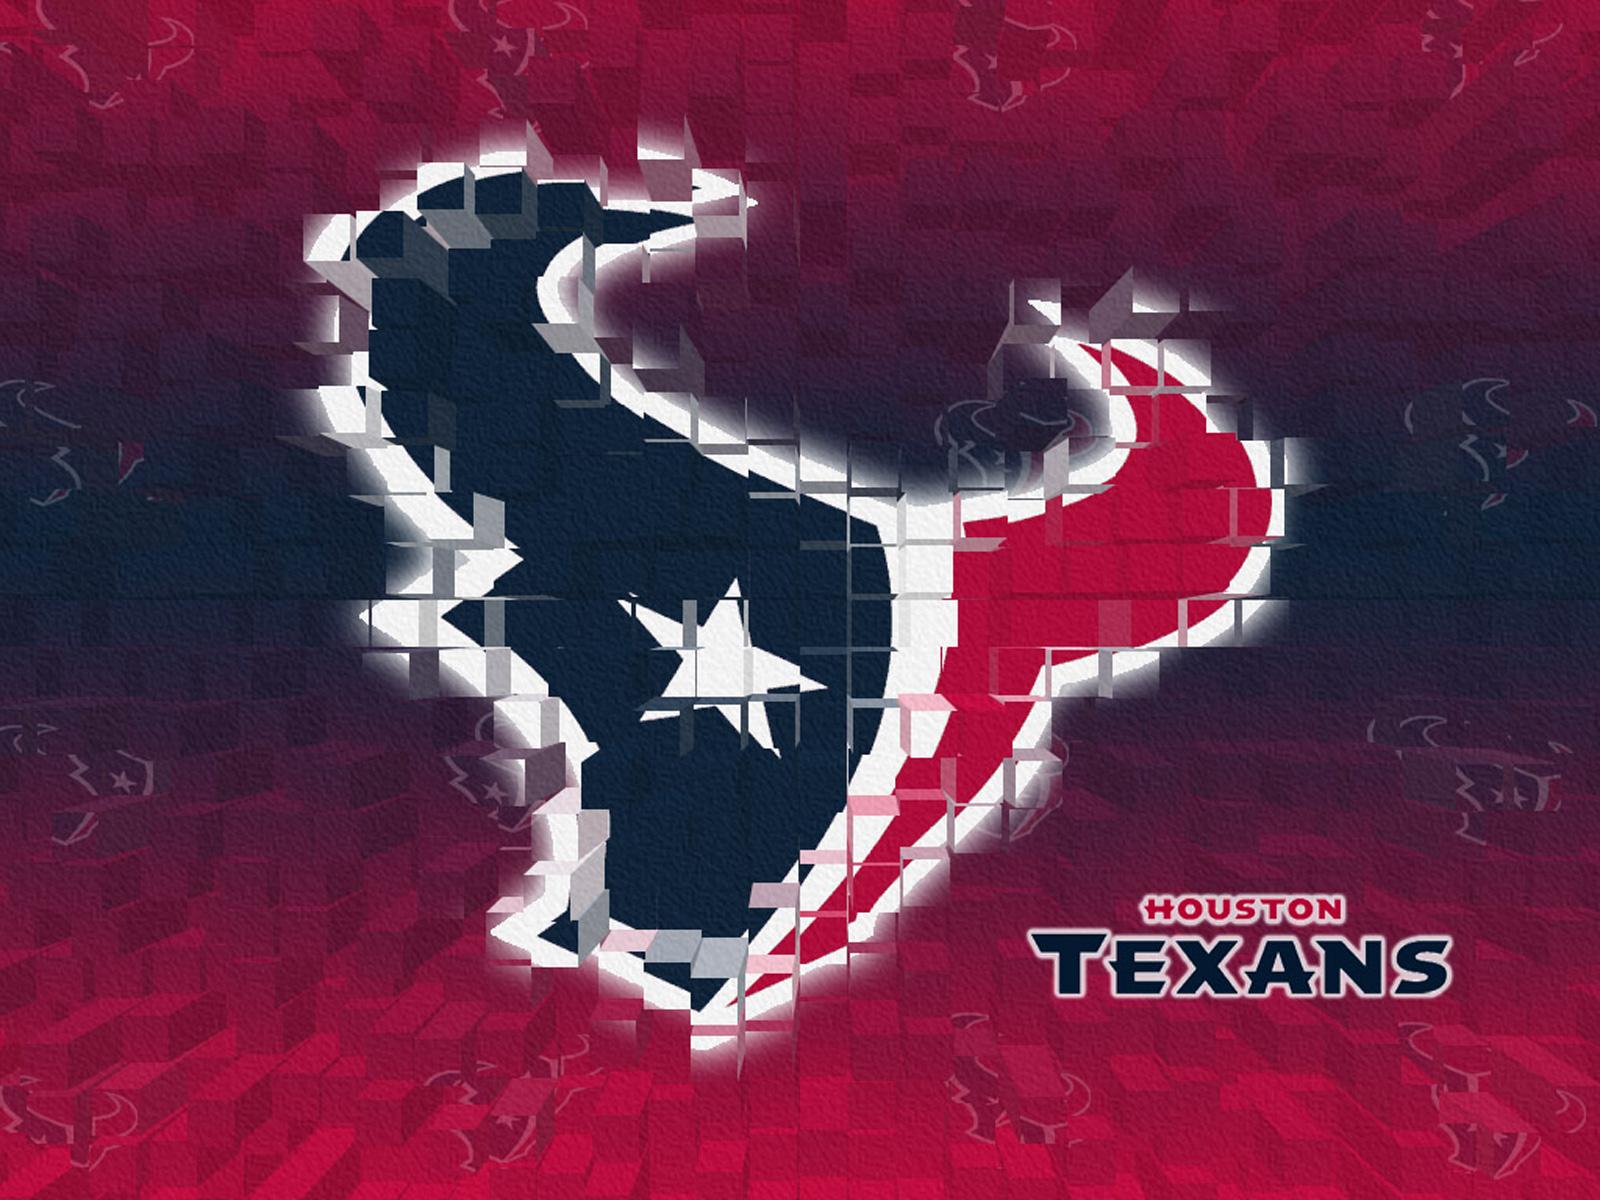 Houston Texans wallpaper 3D 1600x1200